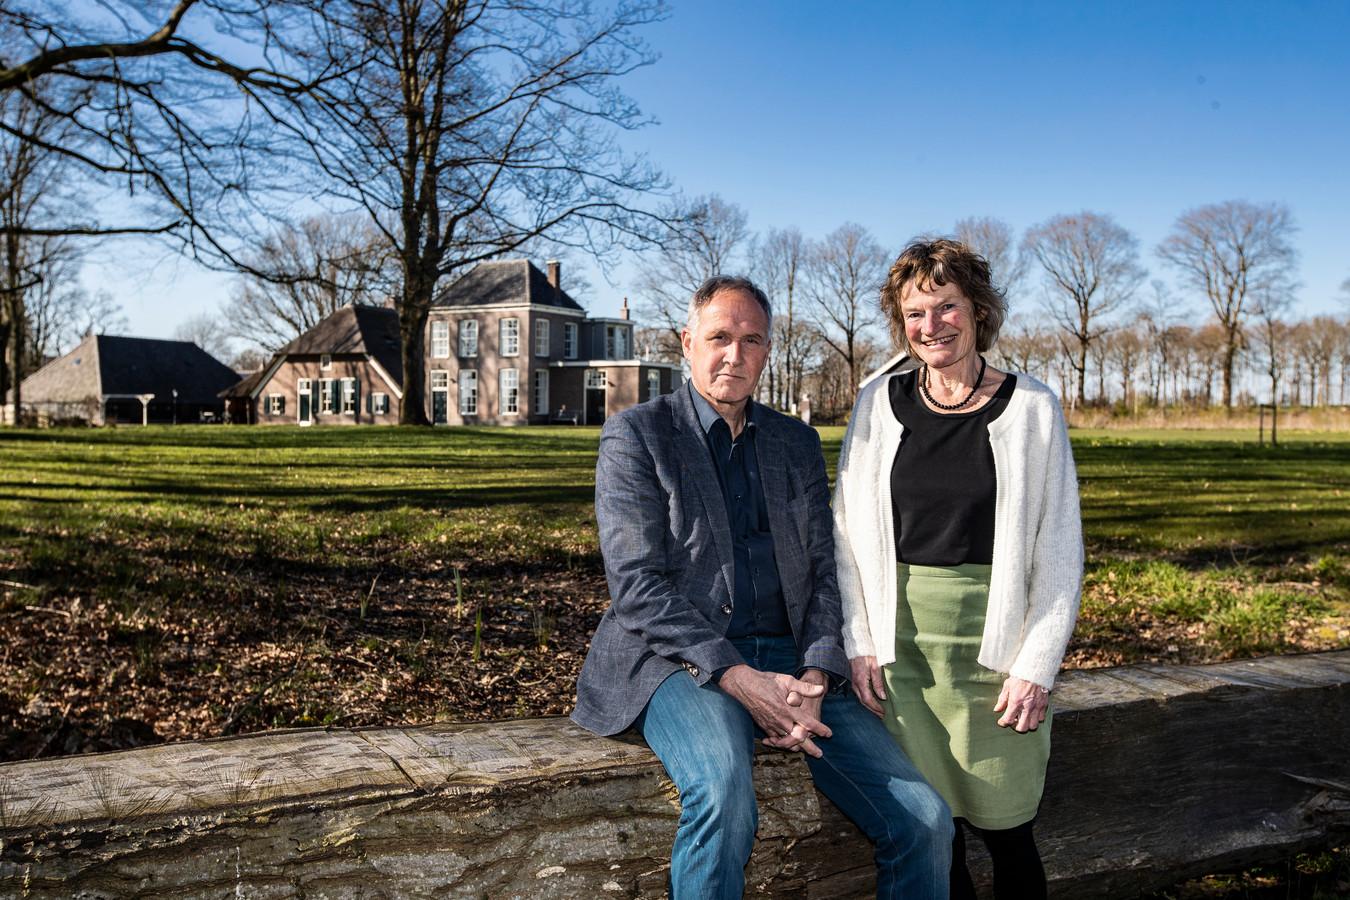 In de strijd tegen plannen voor een zonnepark nabij landgoed de Vlaminckhorst in Heino krijgen Henk van der Wal en zijn vrouw Nellie Verhoef hulp van Egbert den Daas, die de rol van de gemeente in deze zaak betwist.